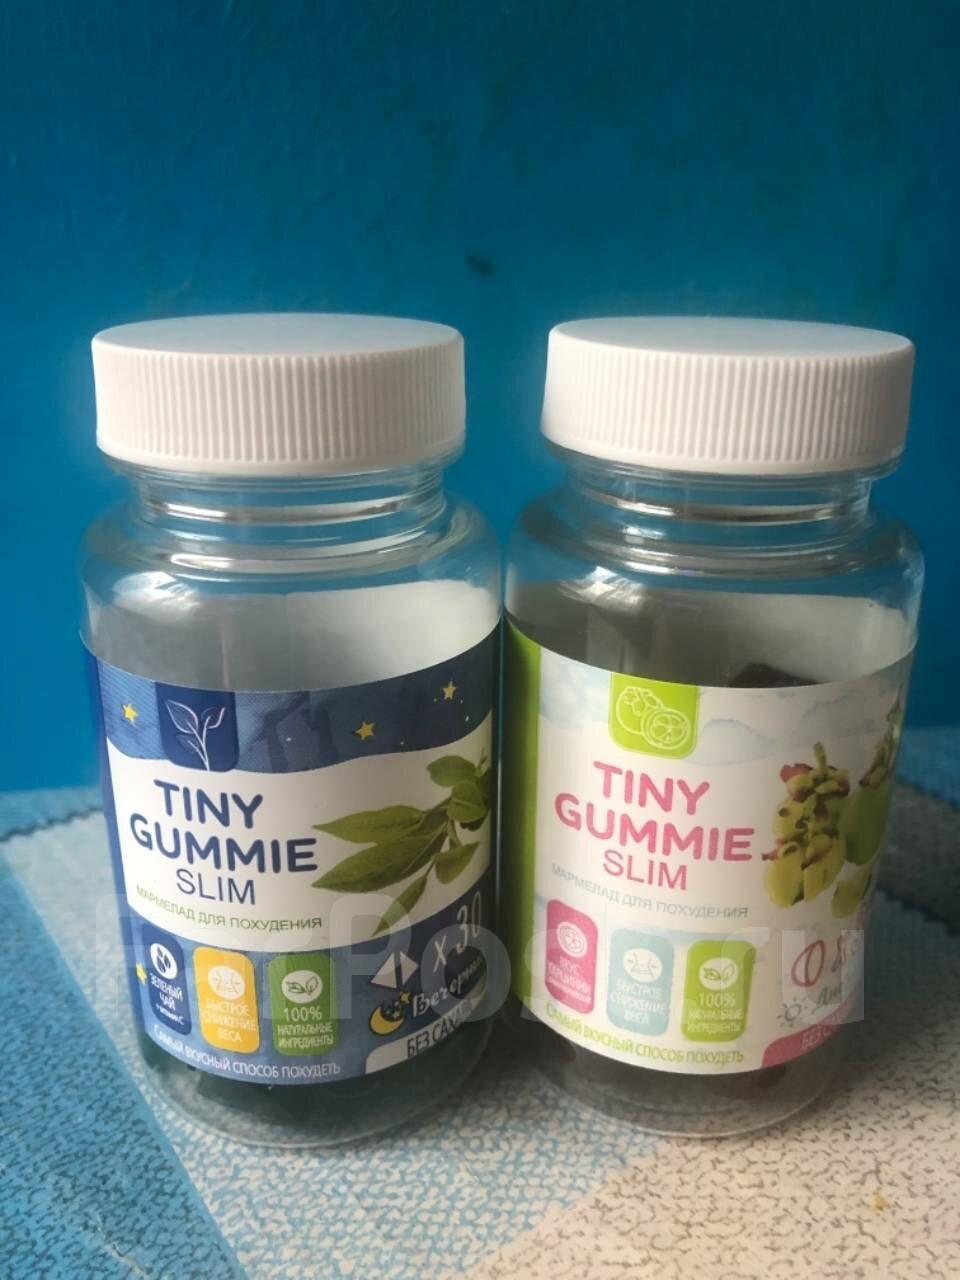 Мармелад для похудения Tiny Gummy Slim в Иркутске